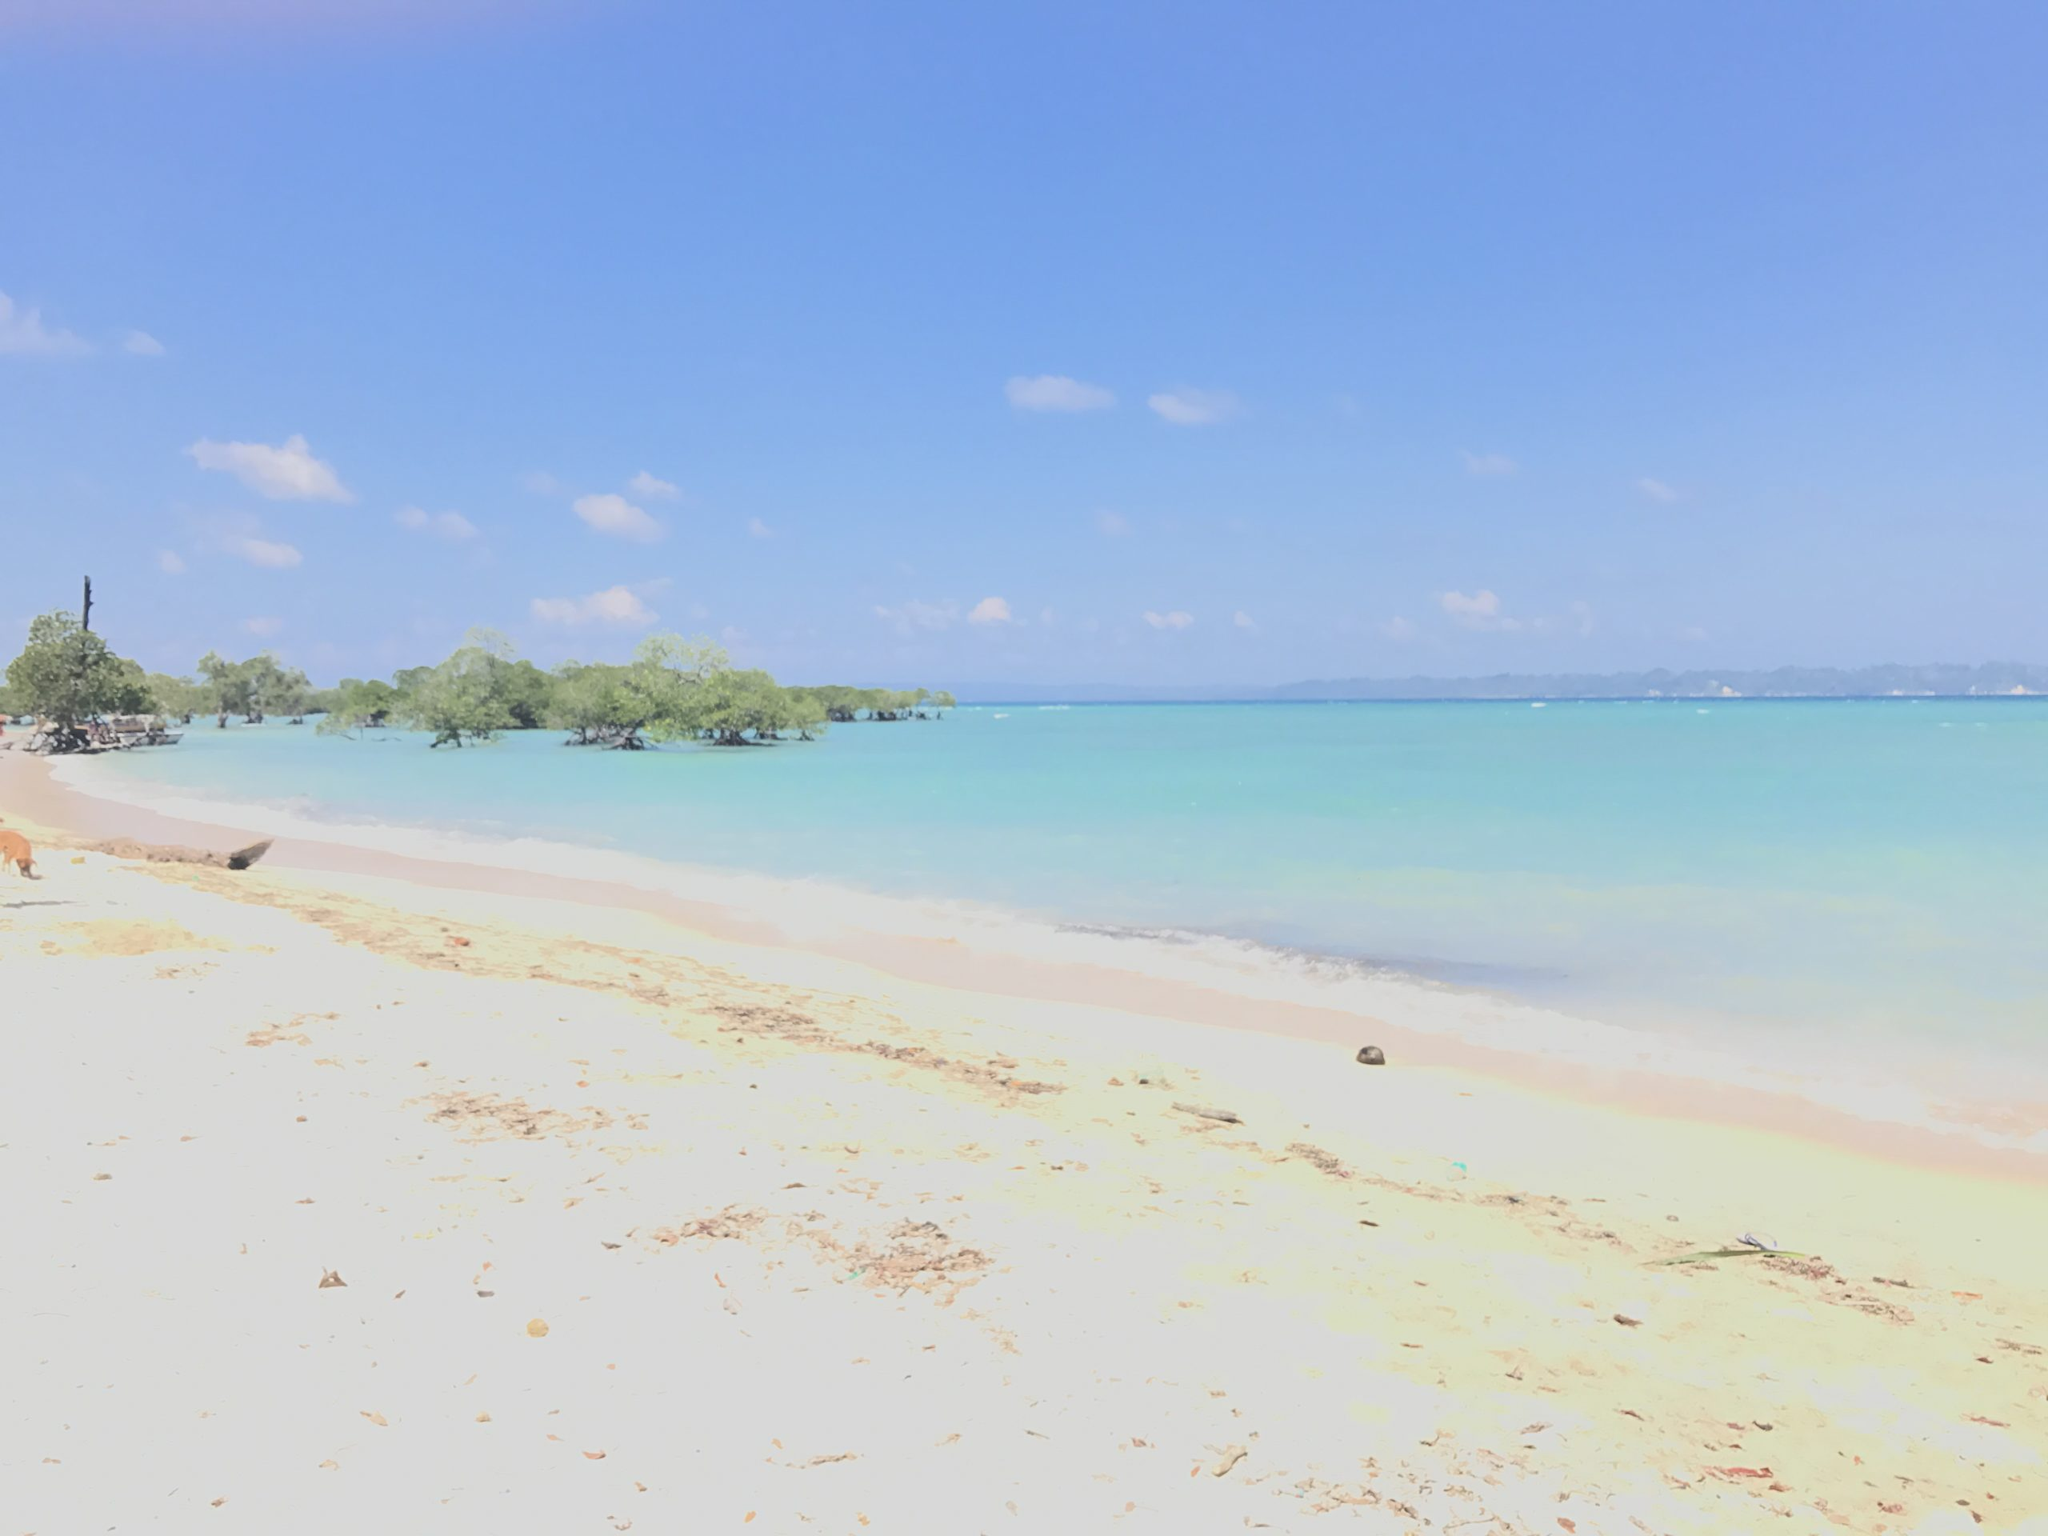 NEIL ISLAND 🏝